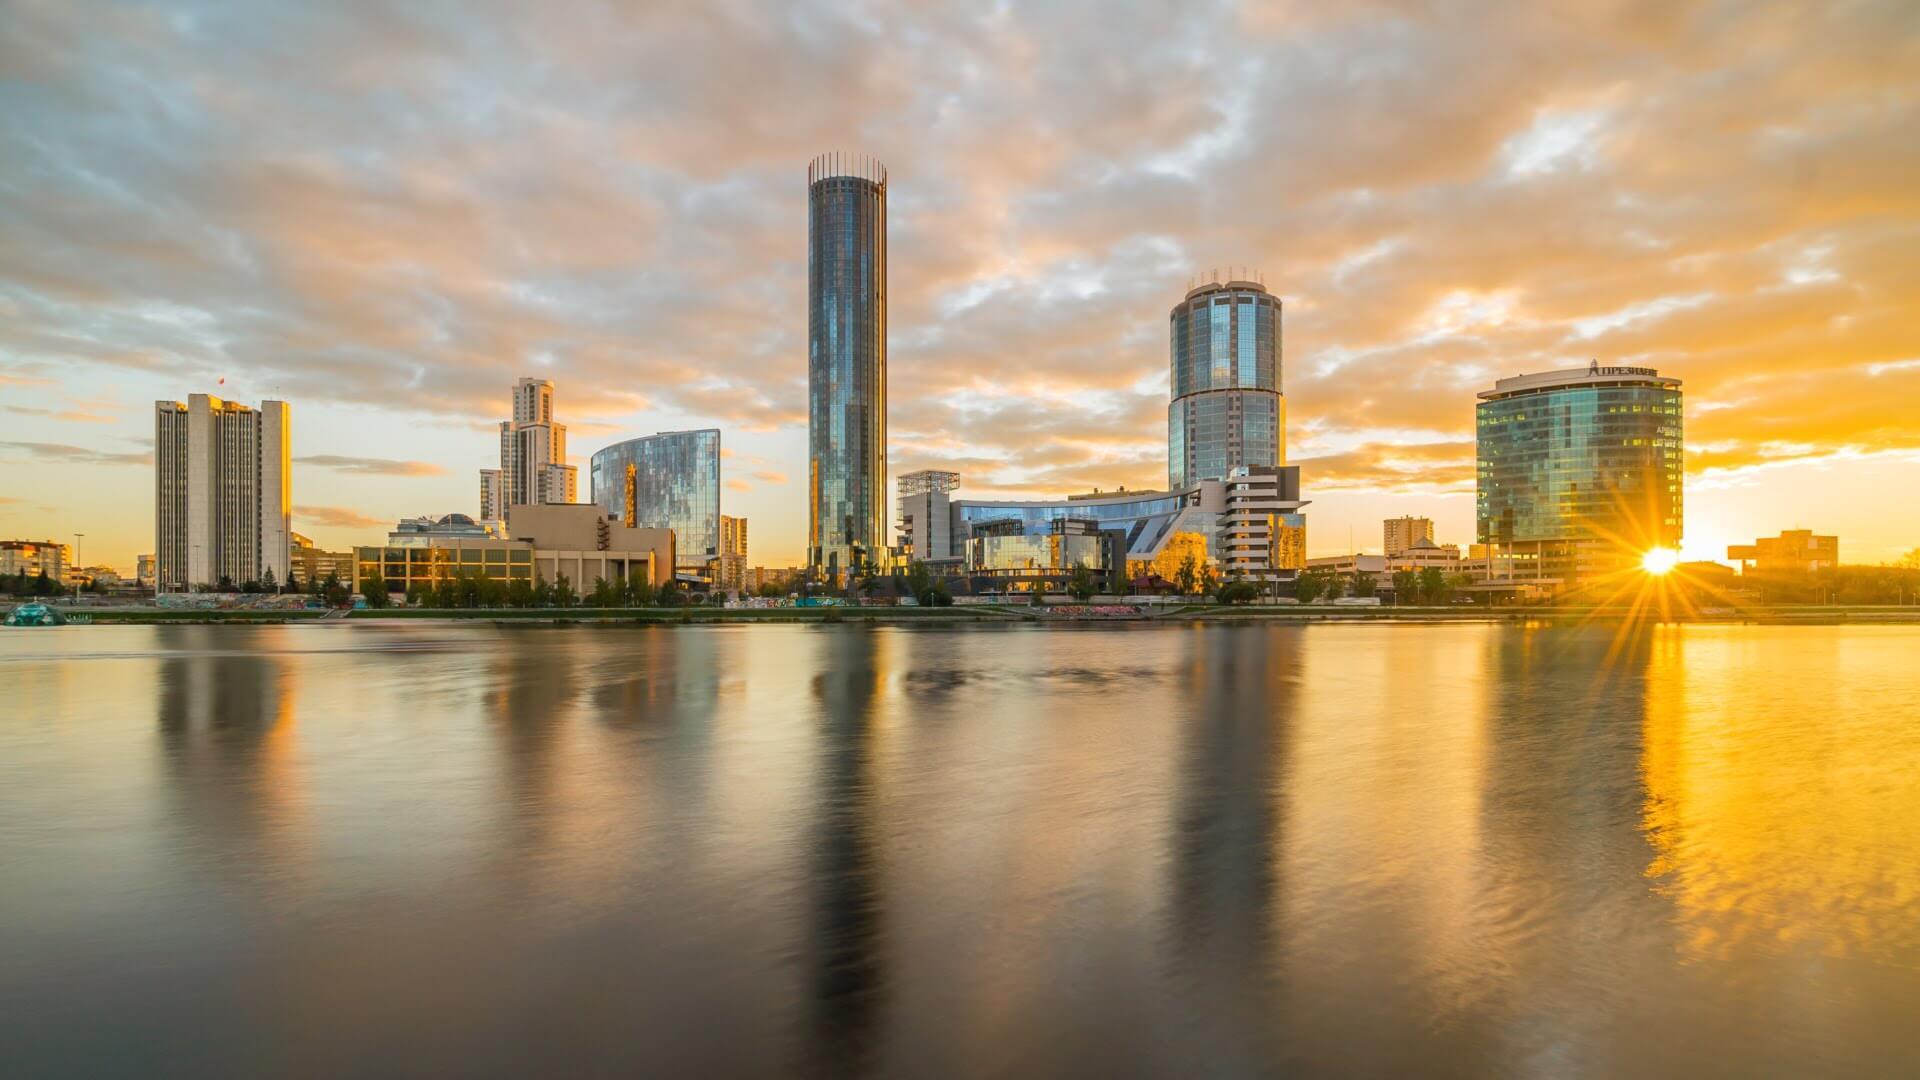 Дешевые авиабилеты из столицы в столицу: путешествие в Екатеринбург